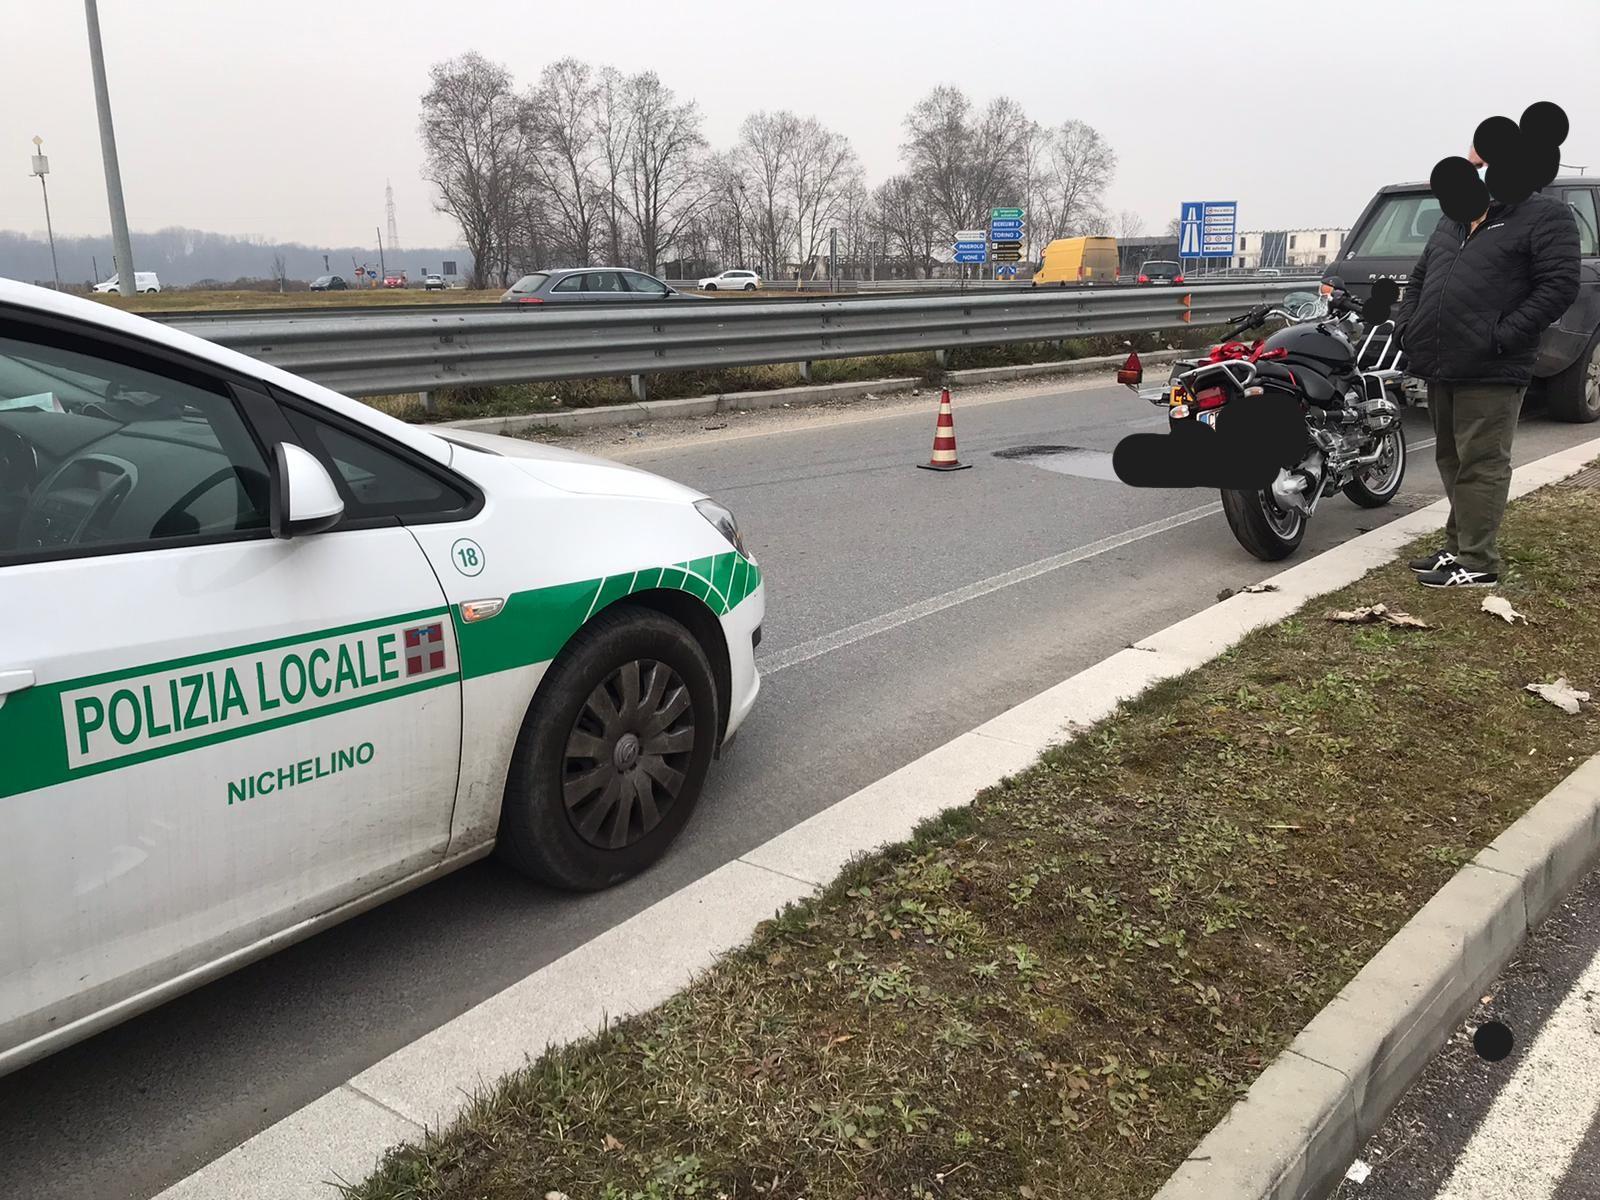 NICHELINO - Cade una moto dal rimorchio e si rompe la coppa dell'olio: strada viscida e disagi